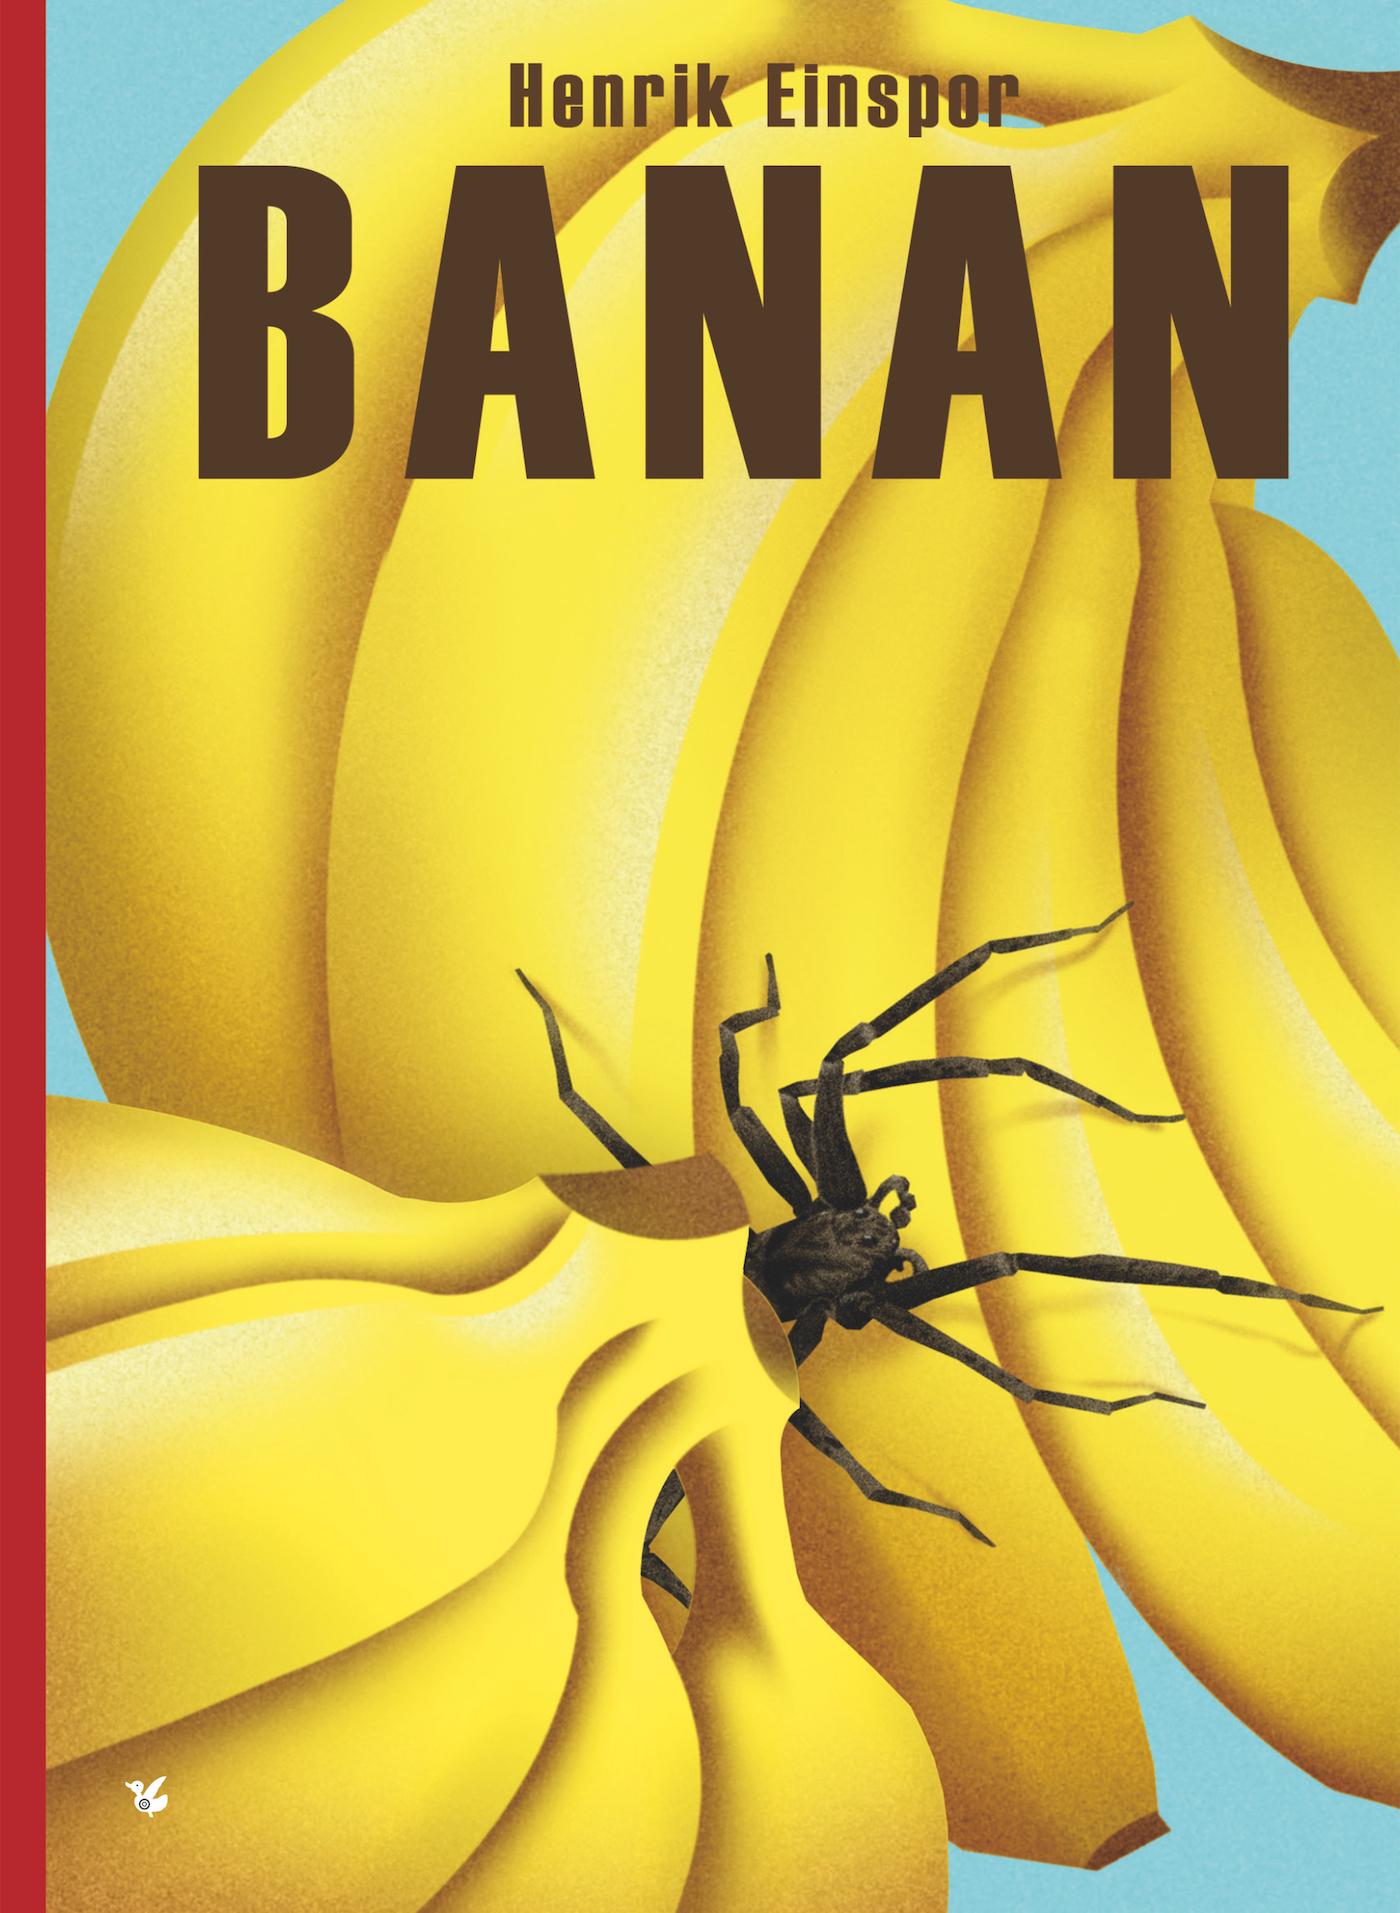 Banan - Henrik Einspor - Bøger - Løse Ænder - 9788793636835 - 9. april 2021